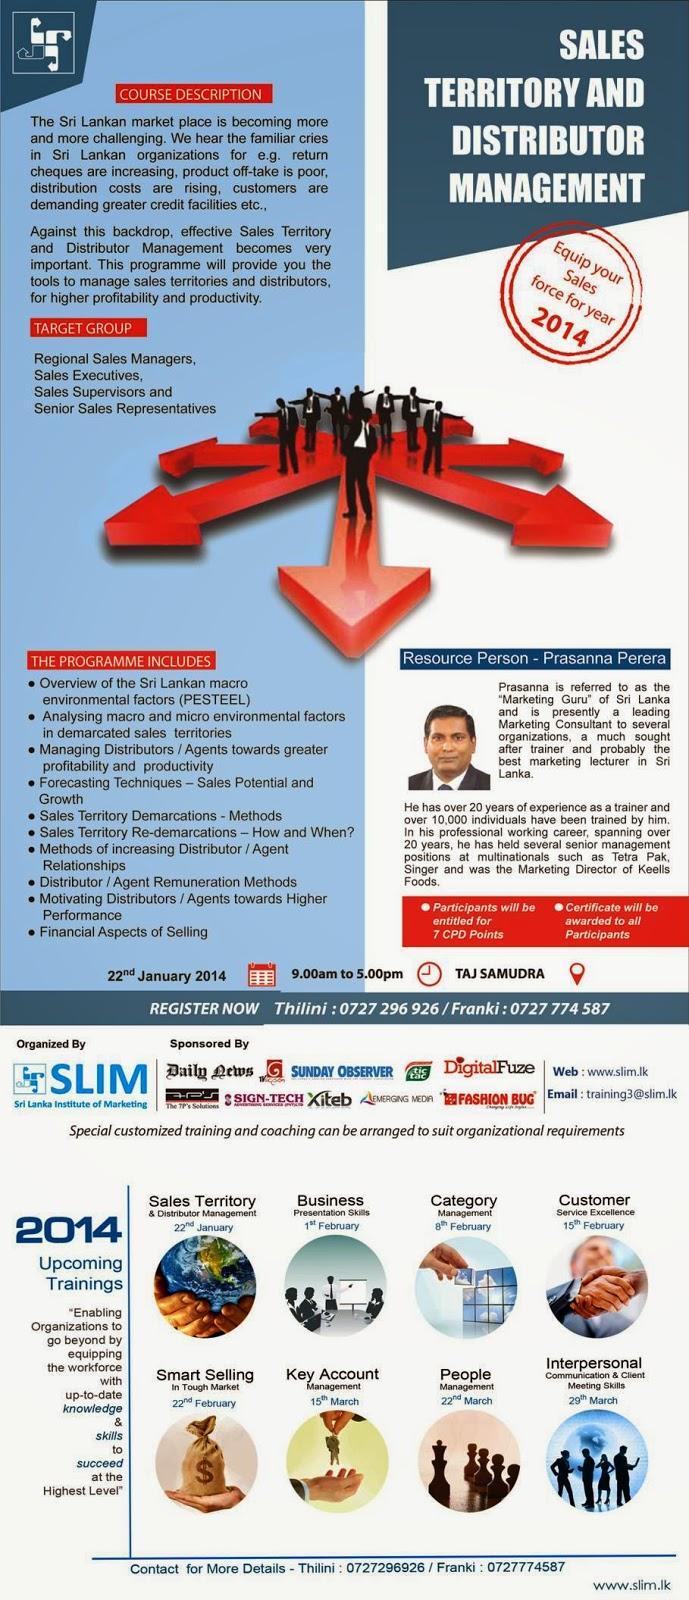 www.slim.lk